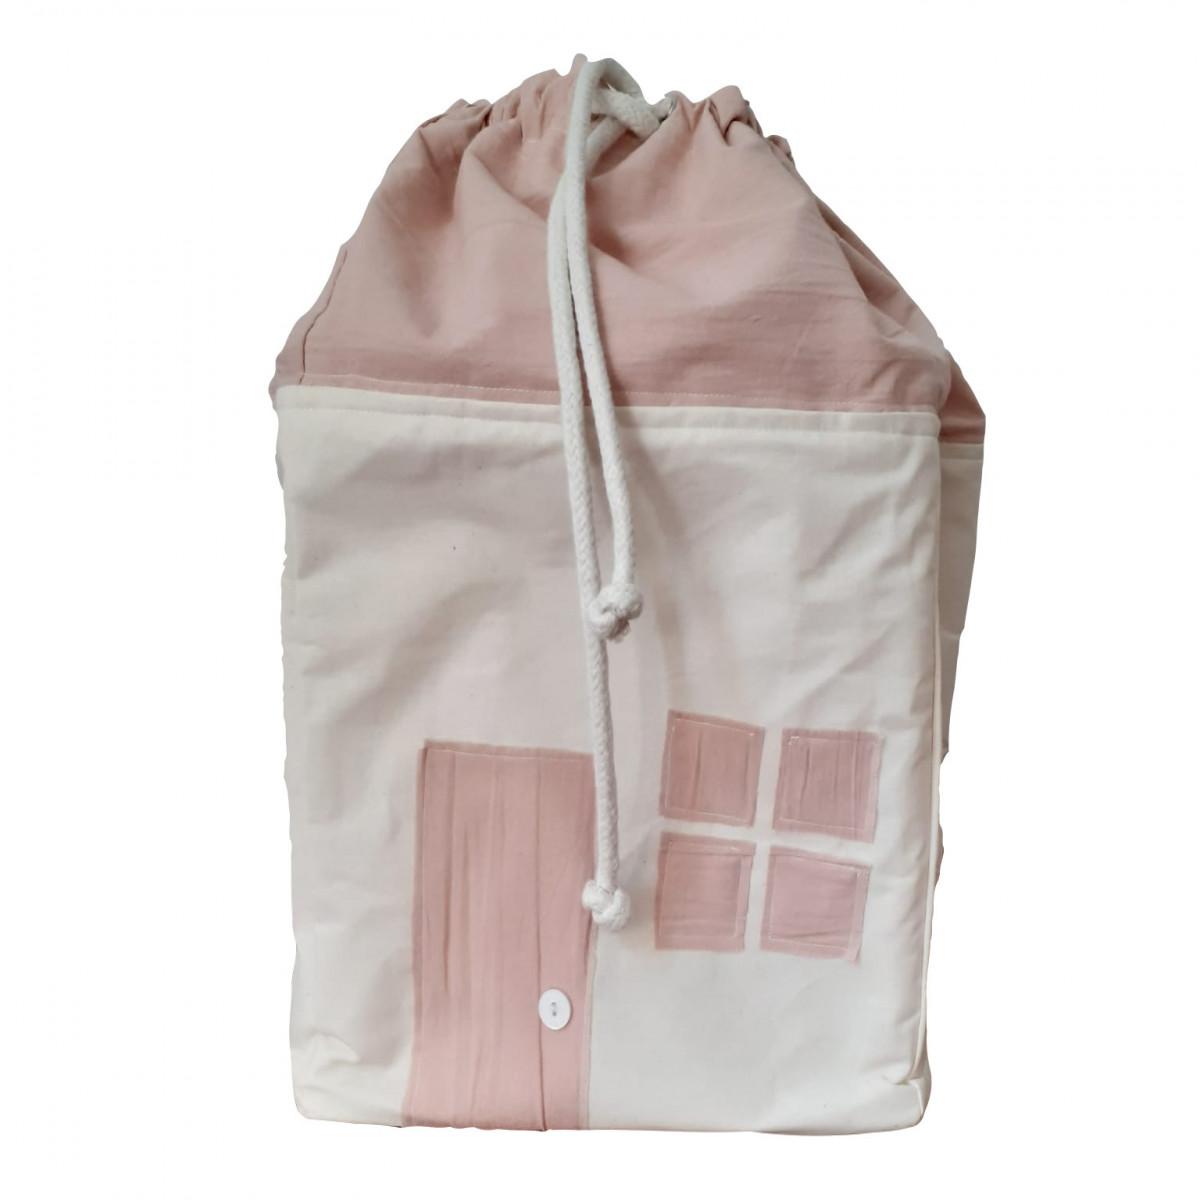 Contenedor bolsa casita  rosa